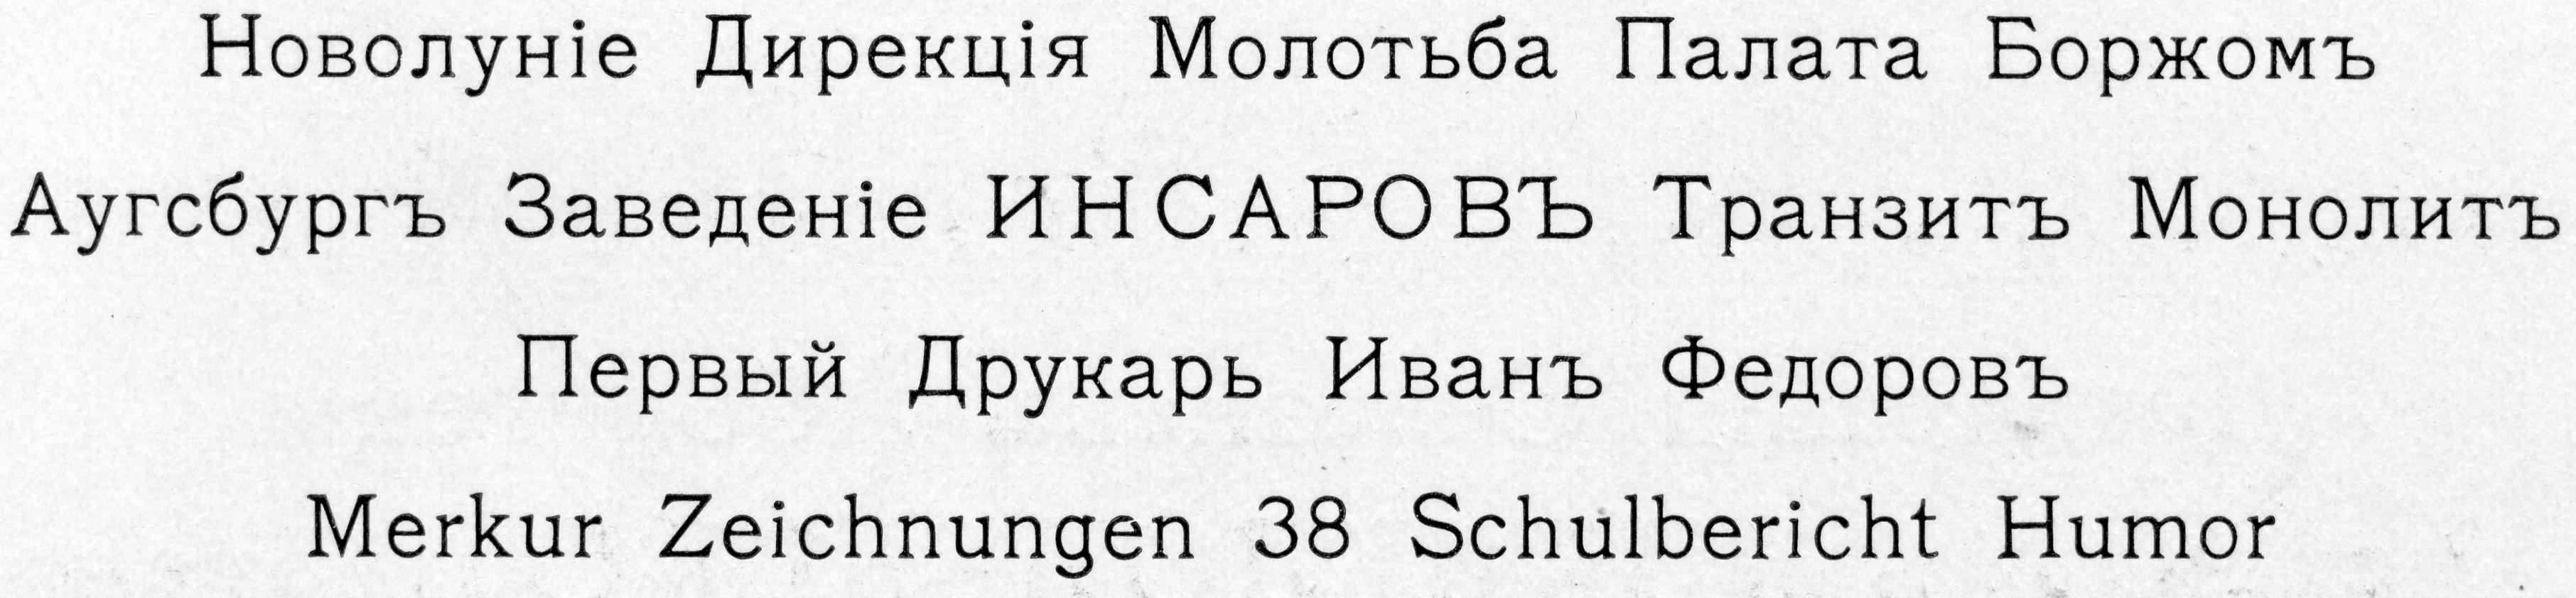 DXMedievalBook-1914